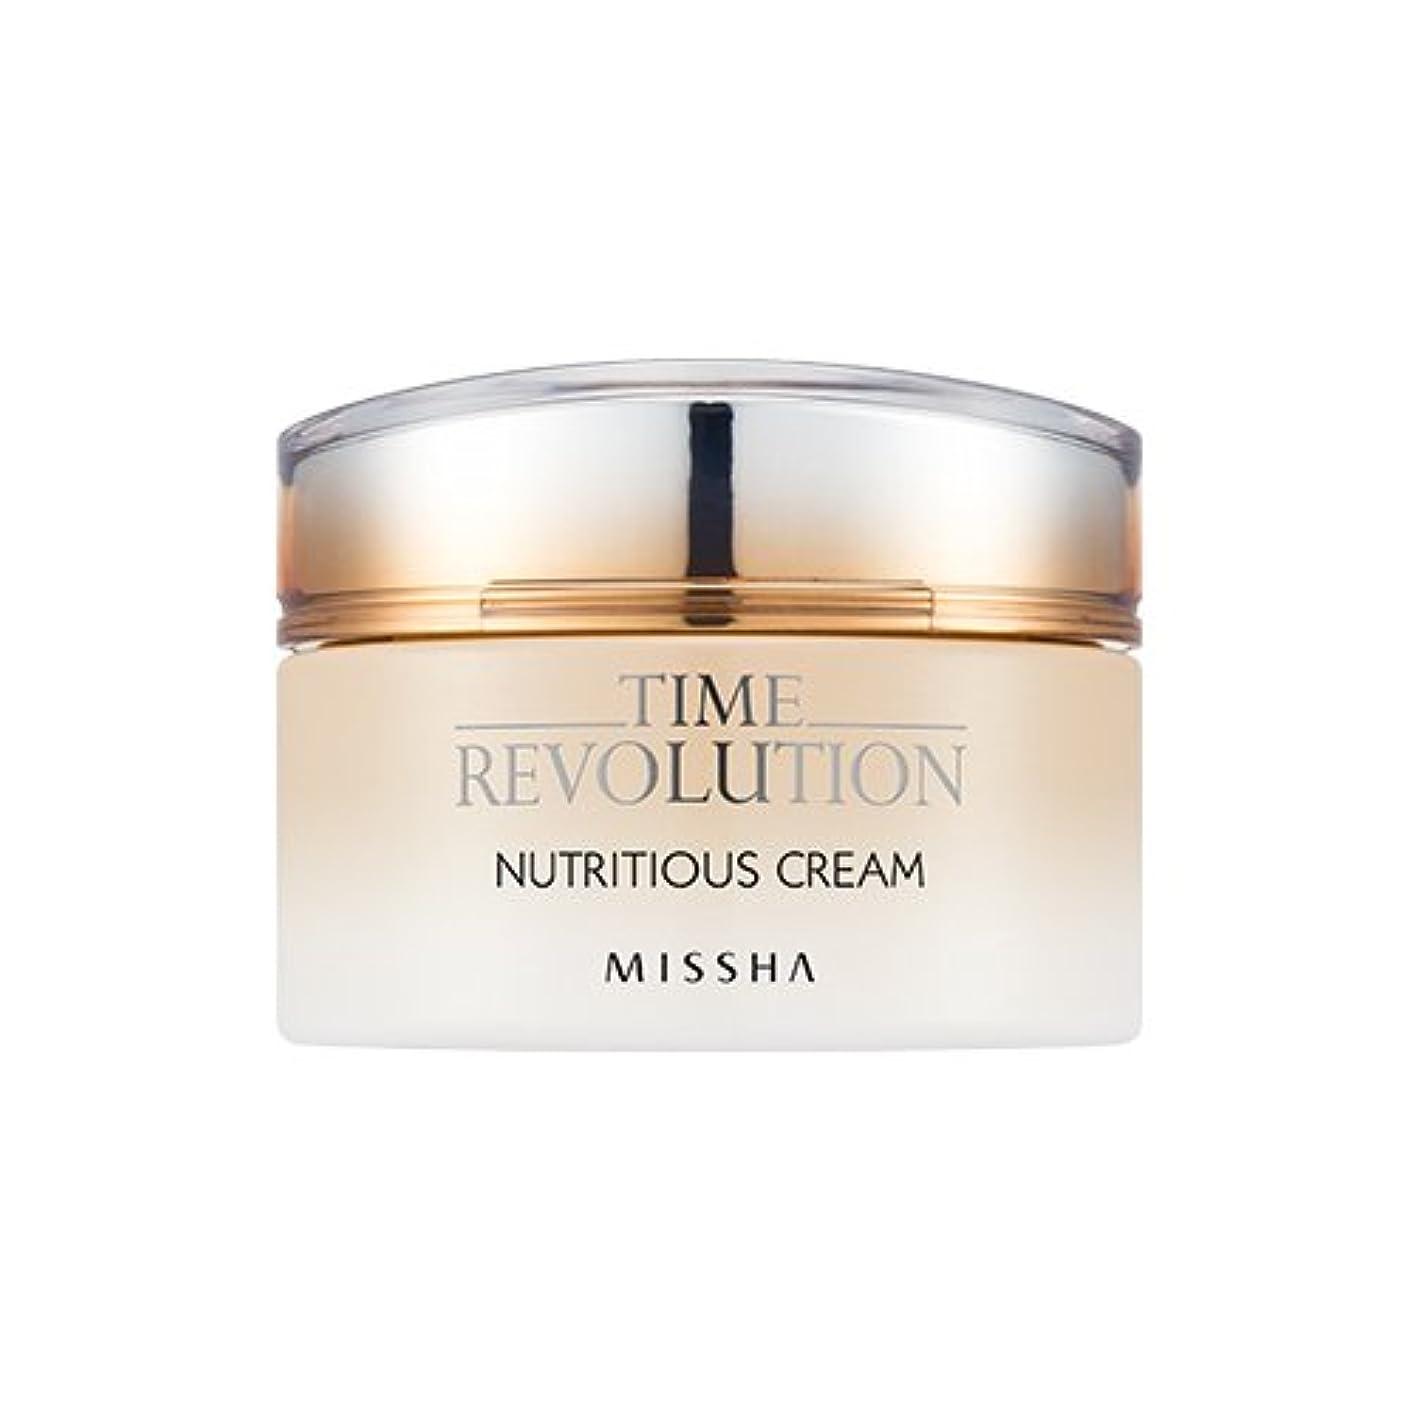 多様体ピアノを弾くボス[New] MISSHA Time Revolution Nutritious Cream 50ml/ミシャ タイム レボリューション ニュートリシャス クリーム 50ml [並行輸入品]